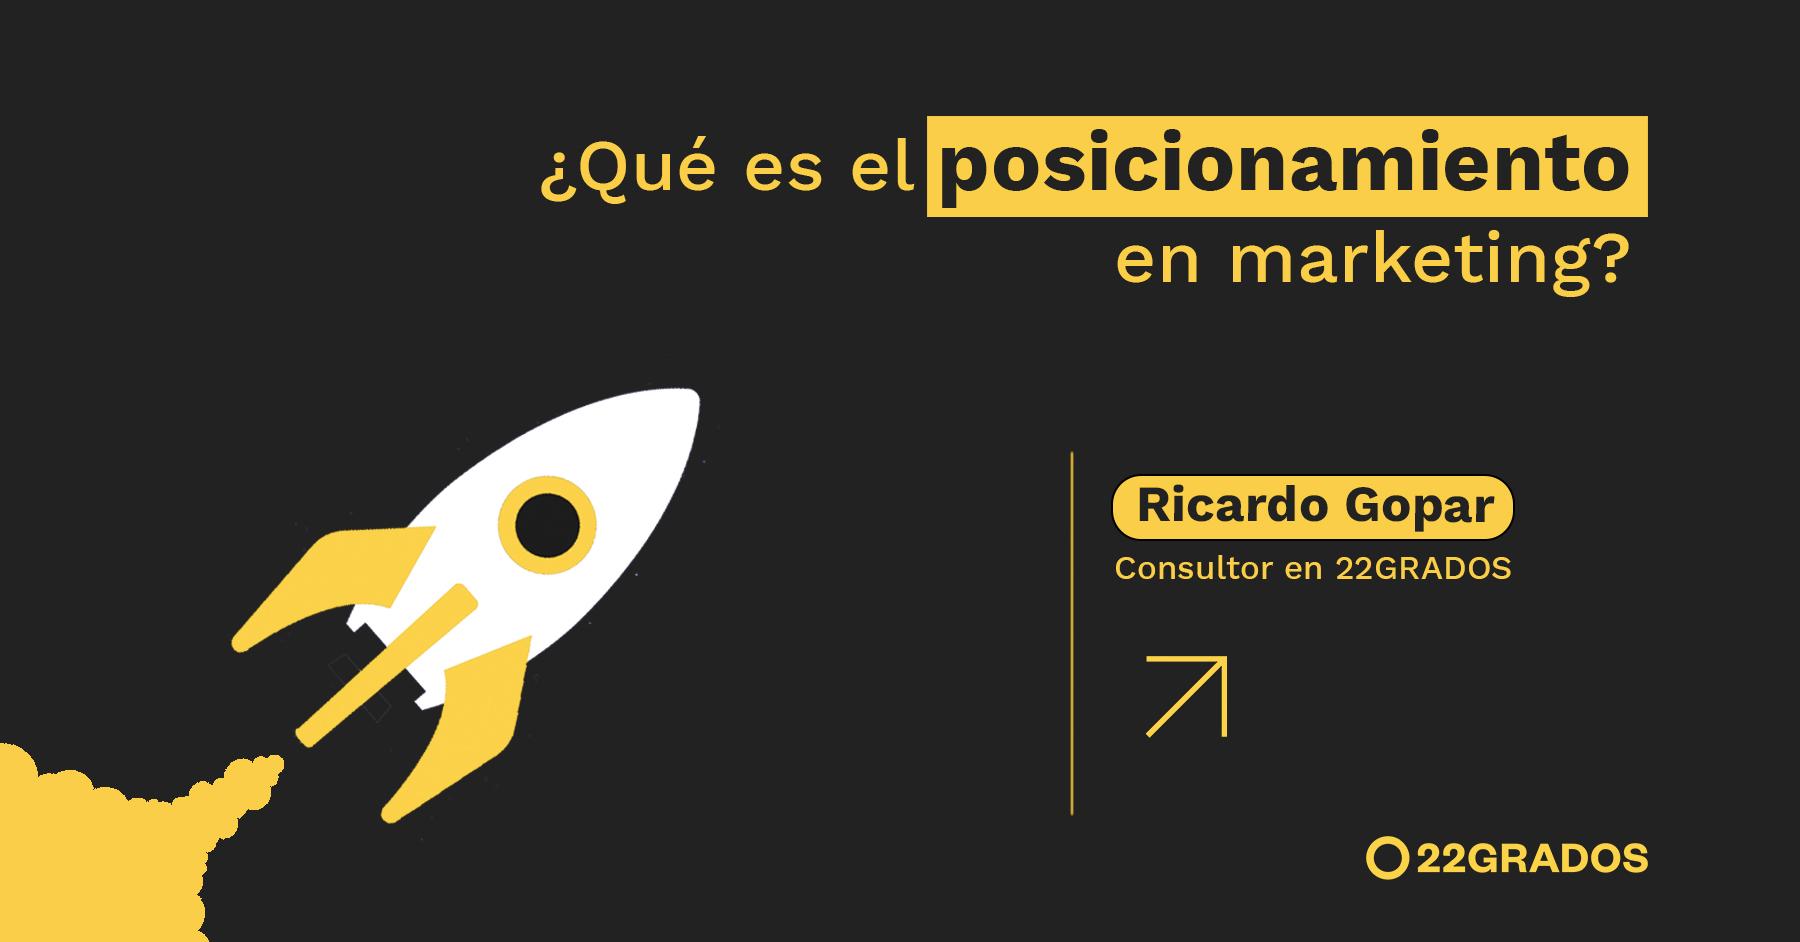 ¿Qué es el posicionamiento en marketing?